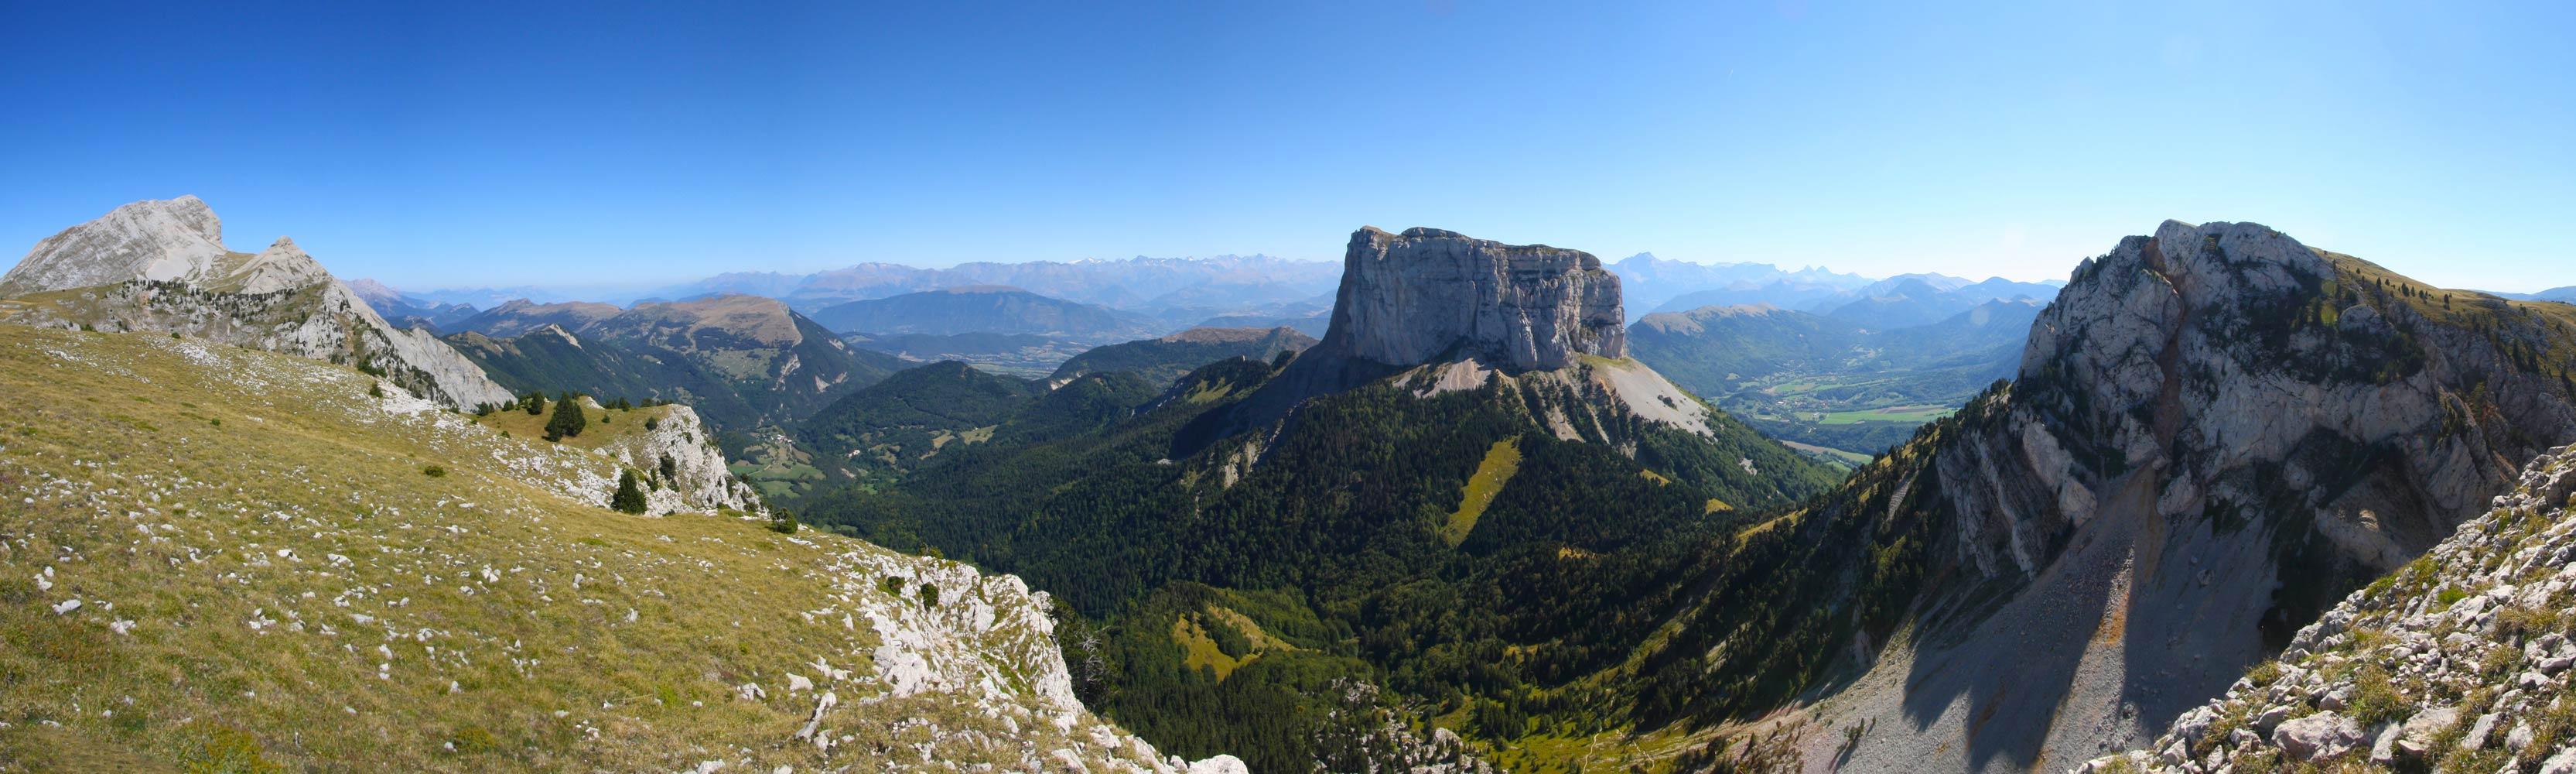 Le Mont Aiguille, vu depuis le plateau de Peyre Rouge (Vercors).